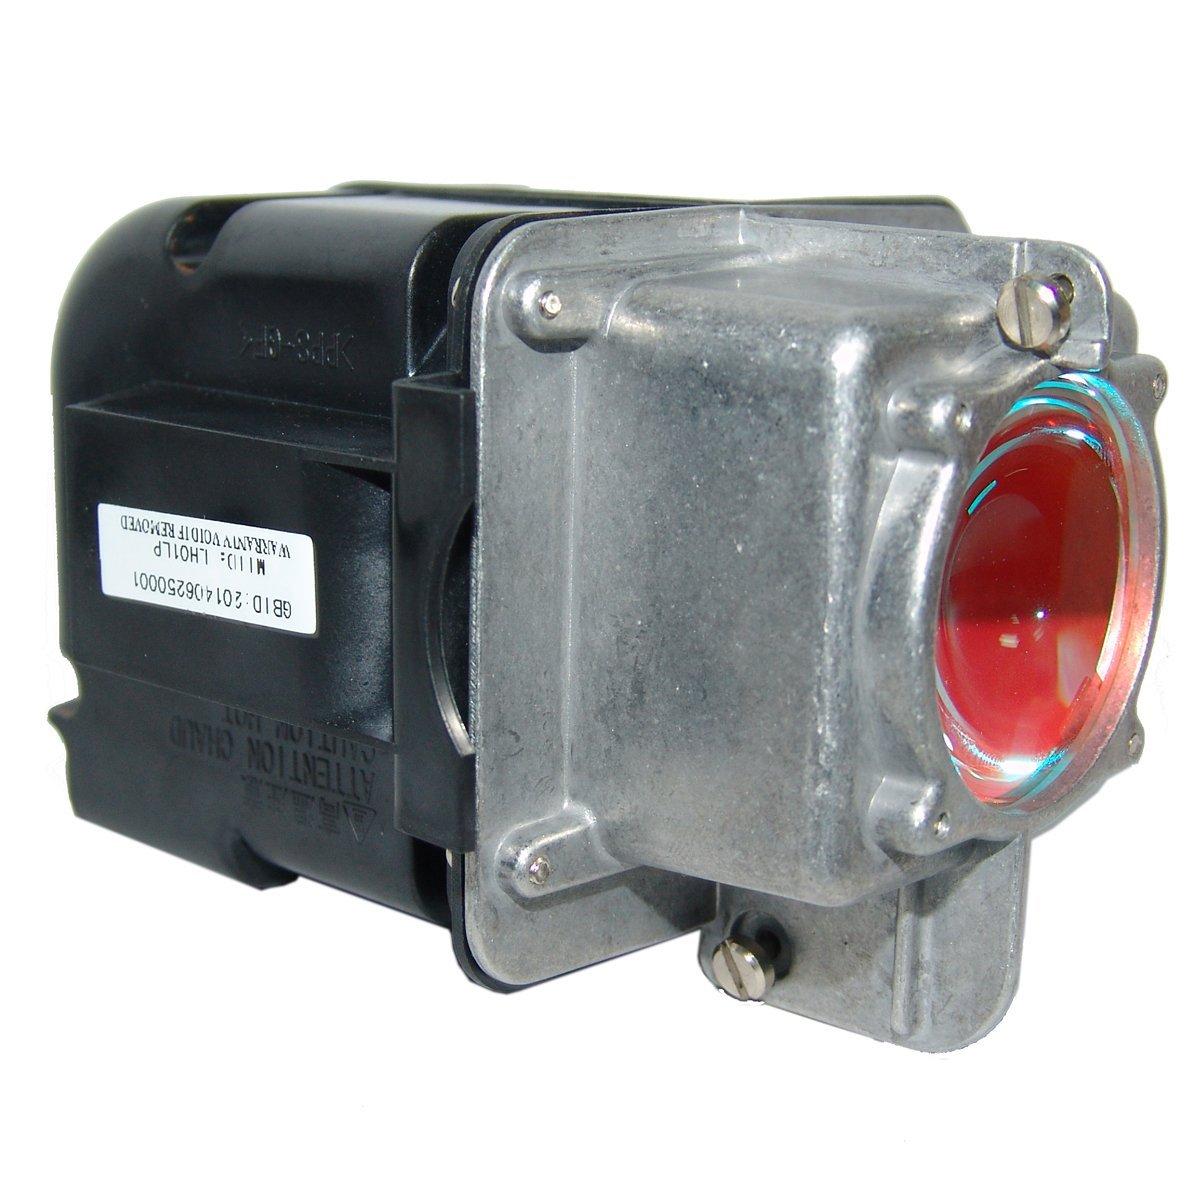 LH01LP LH-01LP For NEC HT410 HT510 Projector Bulb Lamp with housing projector bulb lh01lp lh 01lp for nec ht510 ht410 projector lamp bulbs with housing free shipping